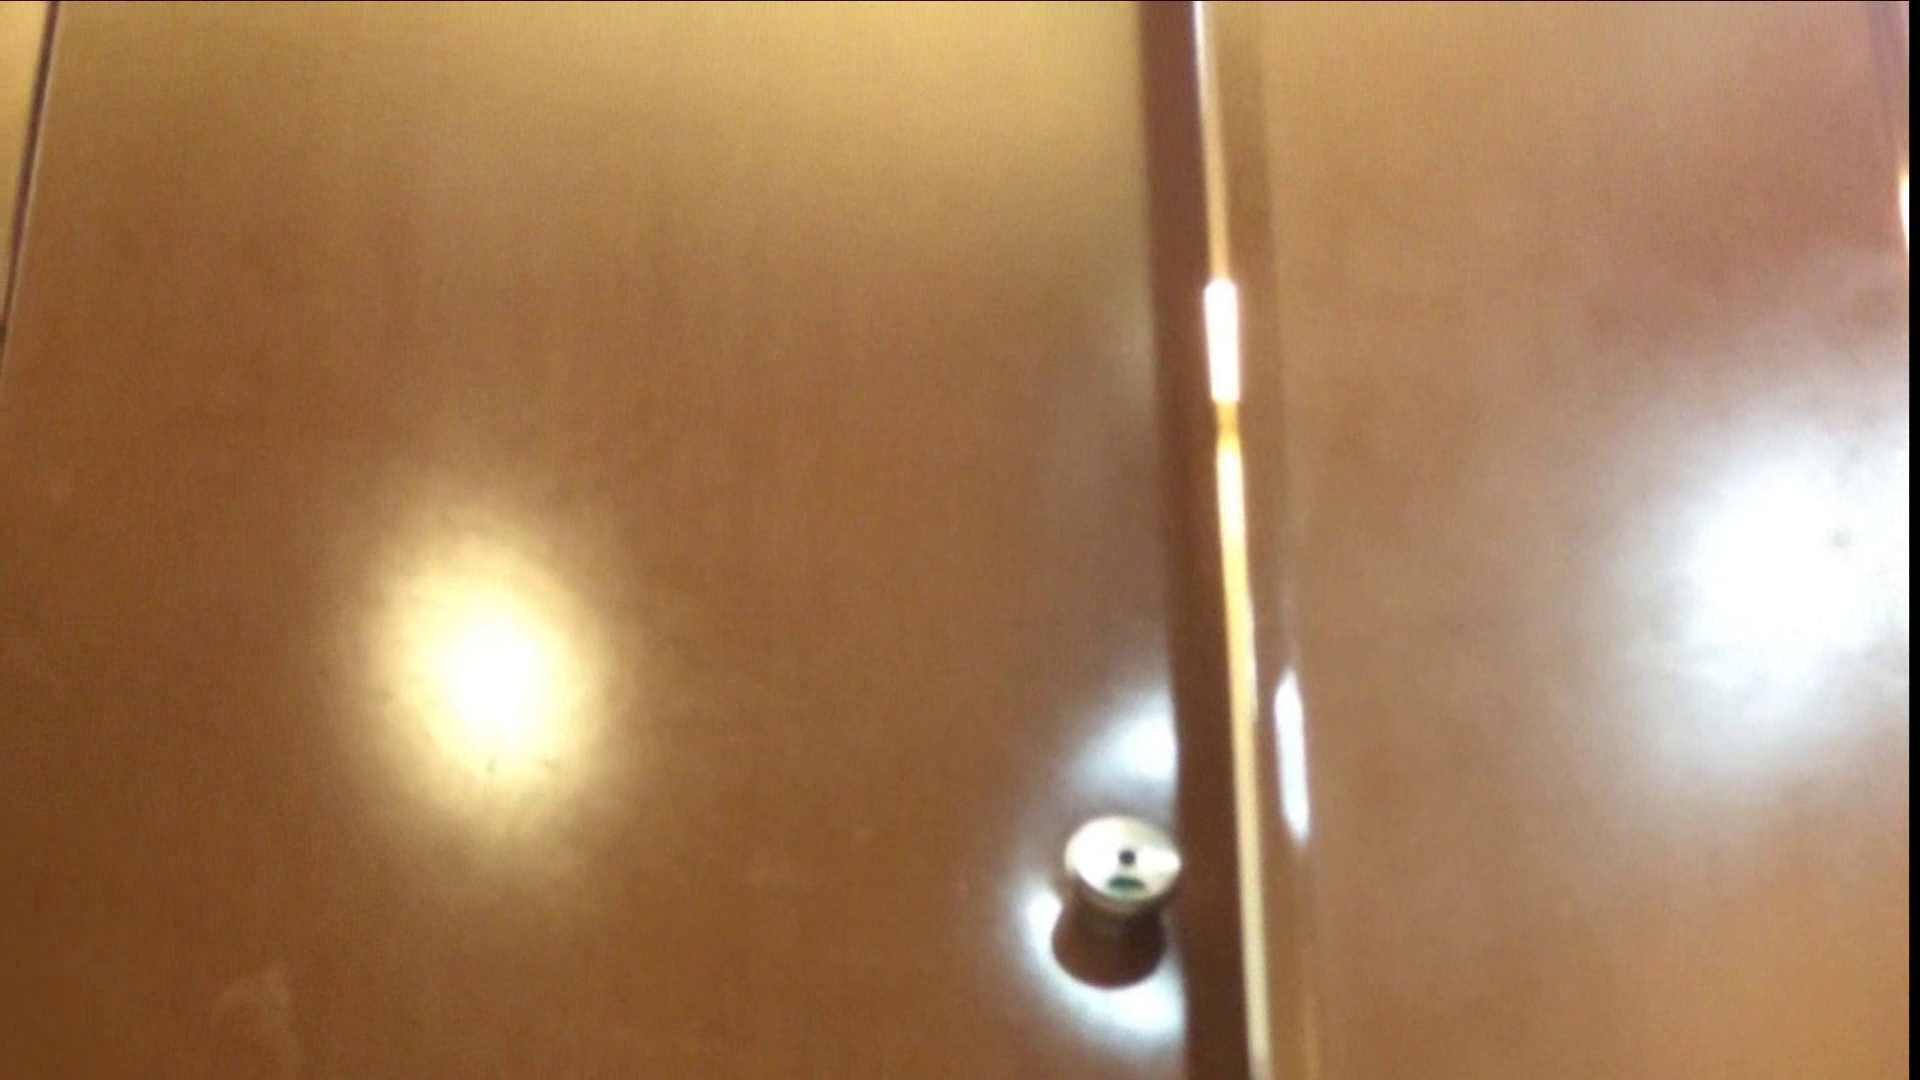 「噂」の国の厠観察日記2 Vol.16 厠隠し撮り われめAV動画紹介 92pic 20